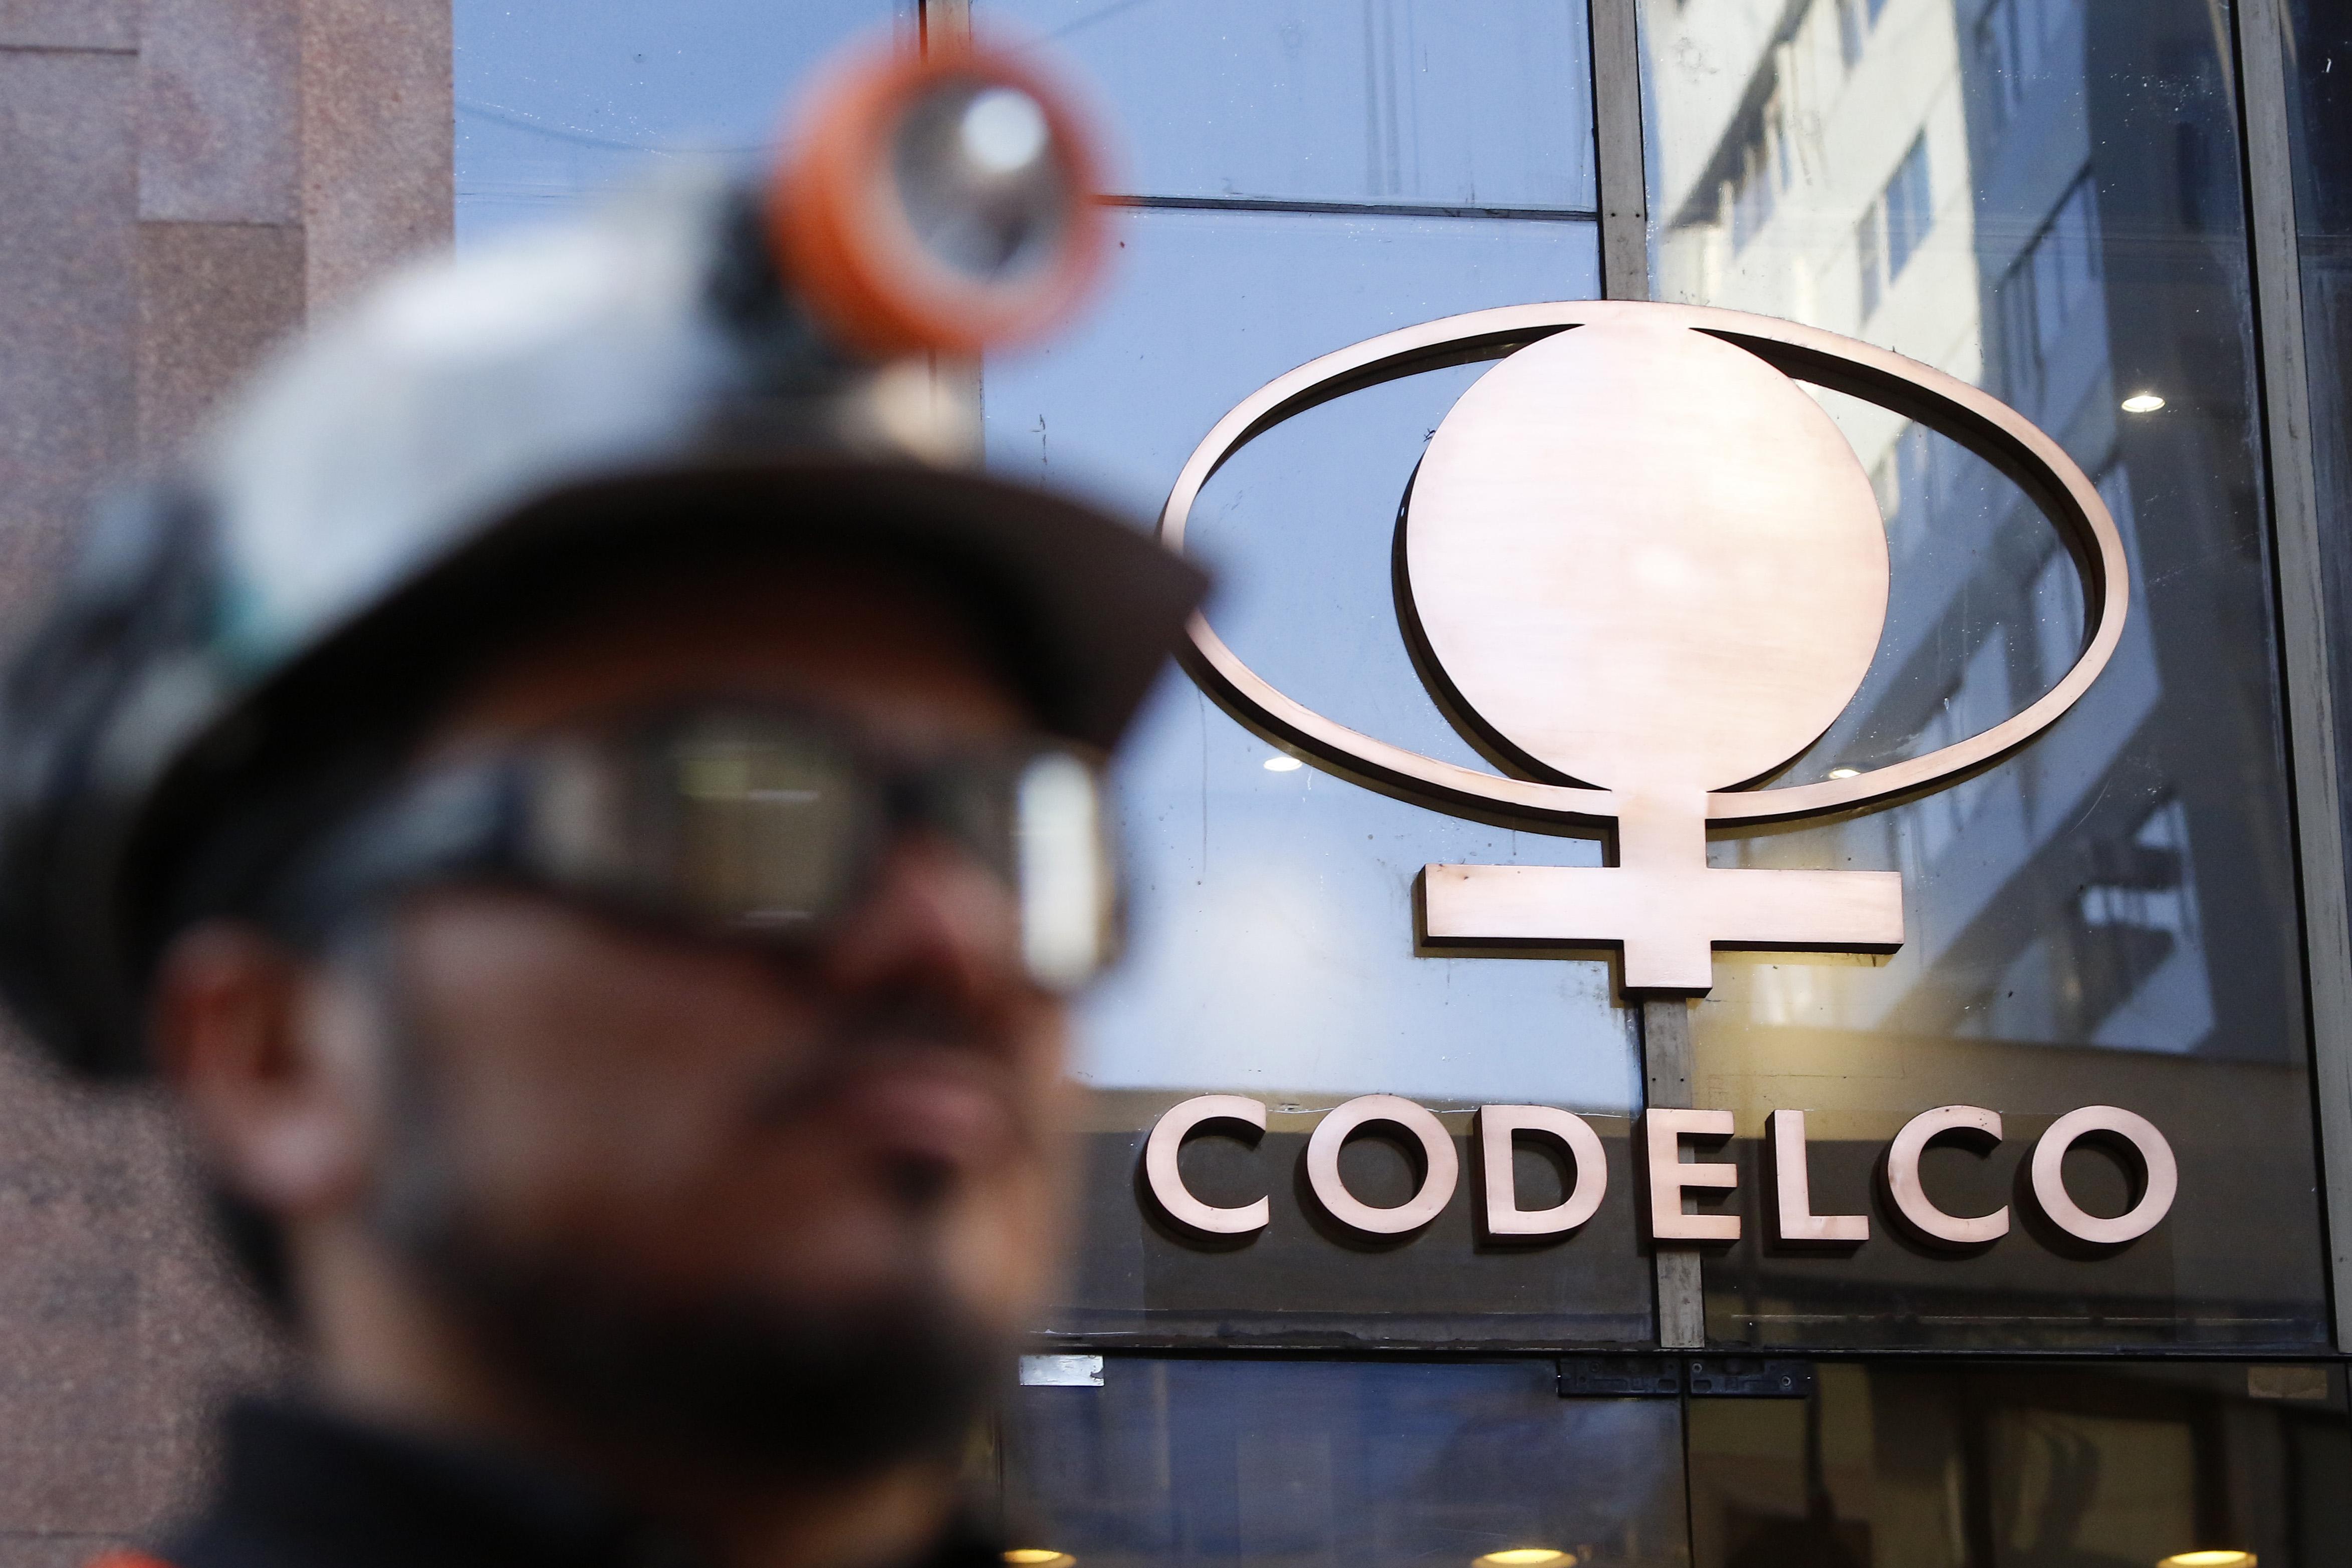 Codelco prevé alto impacto por proyecto de las 40 horas: pérdidas serían de más de US$170 millones